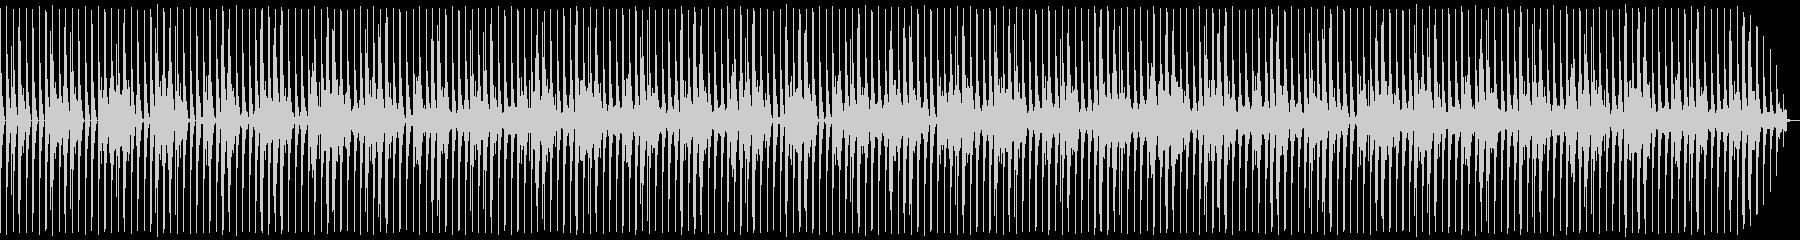 アップテンポなボイスパーカッションの未再生の波形